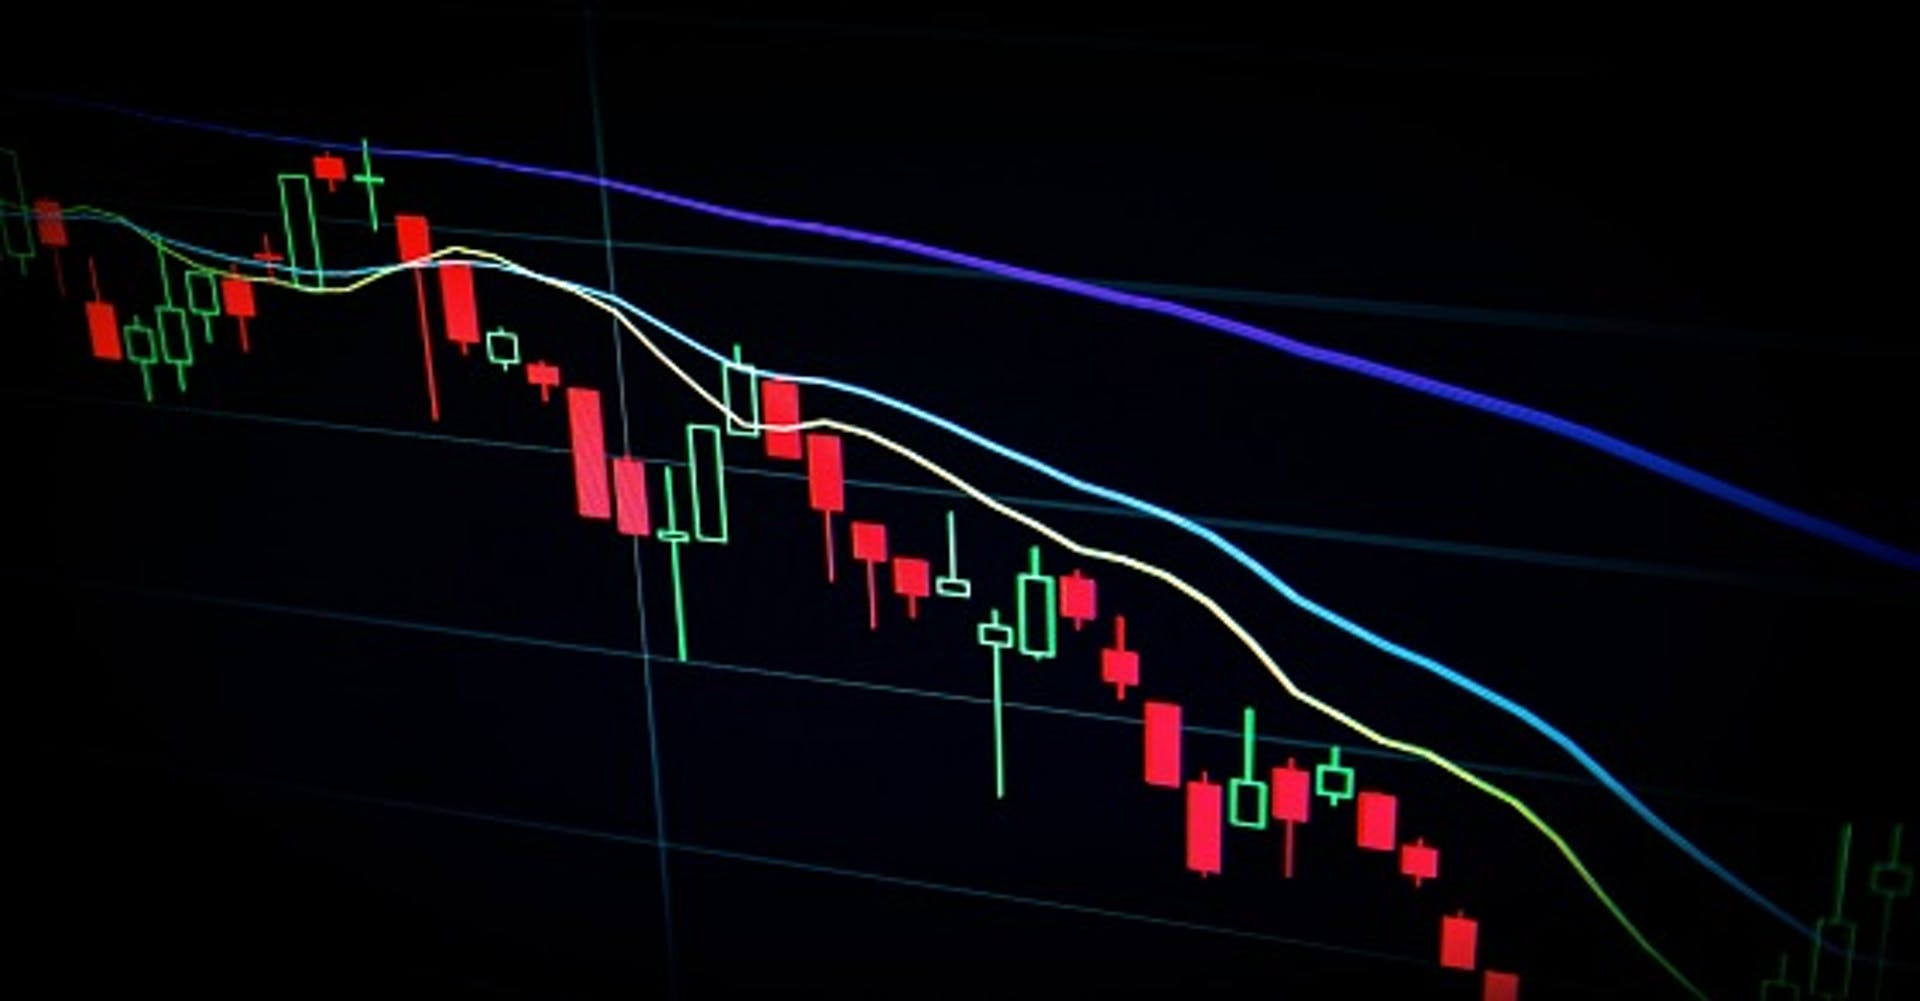 Aprende cómo ganar dinero haciendo trading y ¡olvídate de tus problemas!